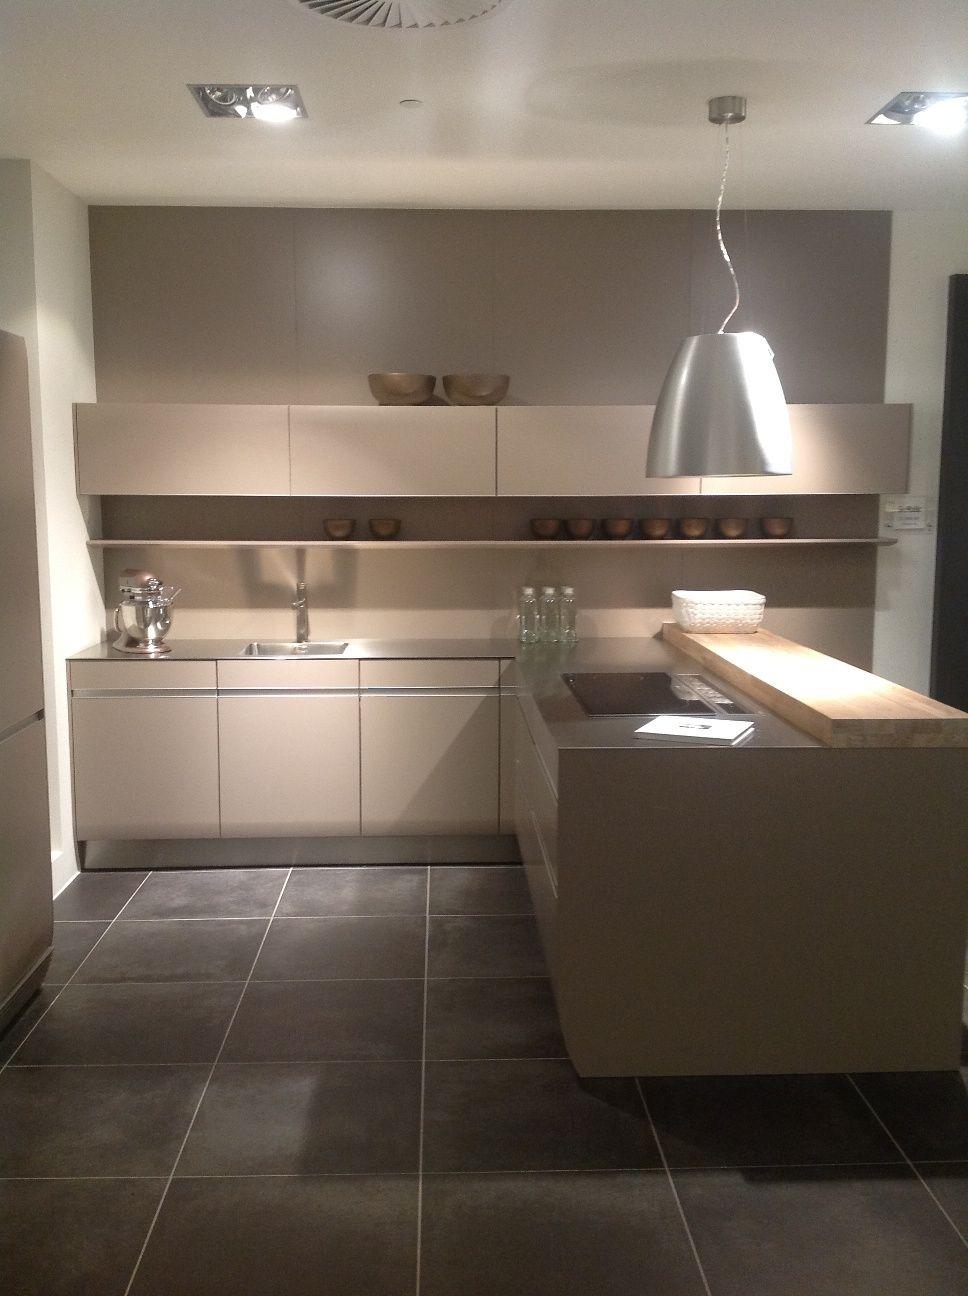 Showroomkeukens alle showroomkeuken aanbiedingen uit nederland keukens voor zeer lage keuken - Decoratie design keuken ...